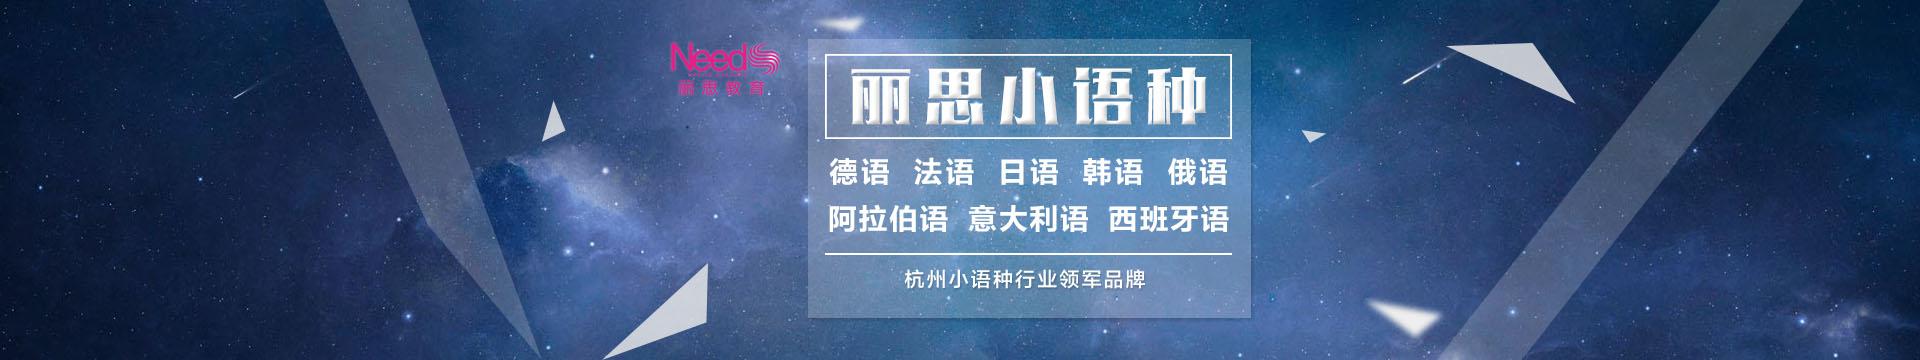 杭州丽思小语种